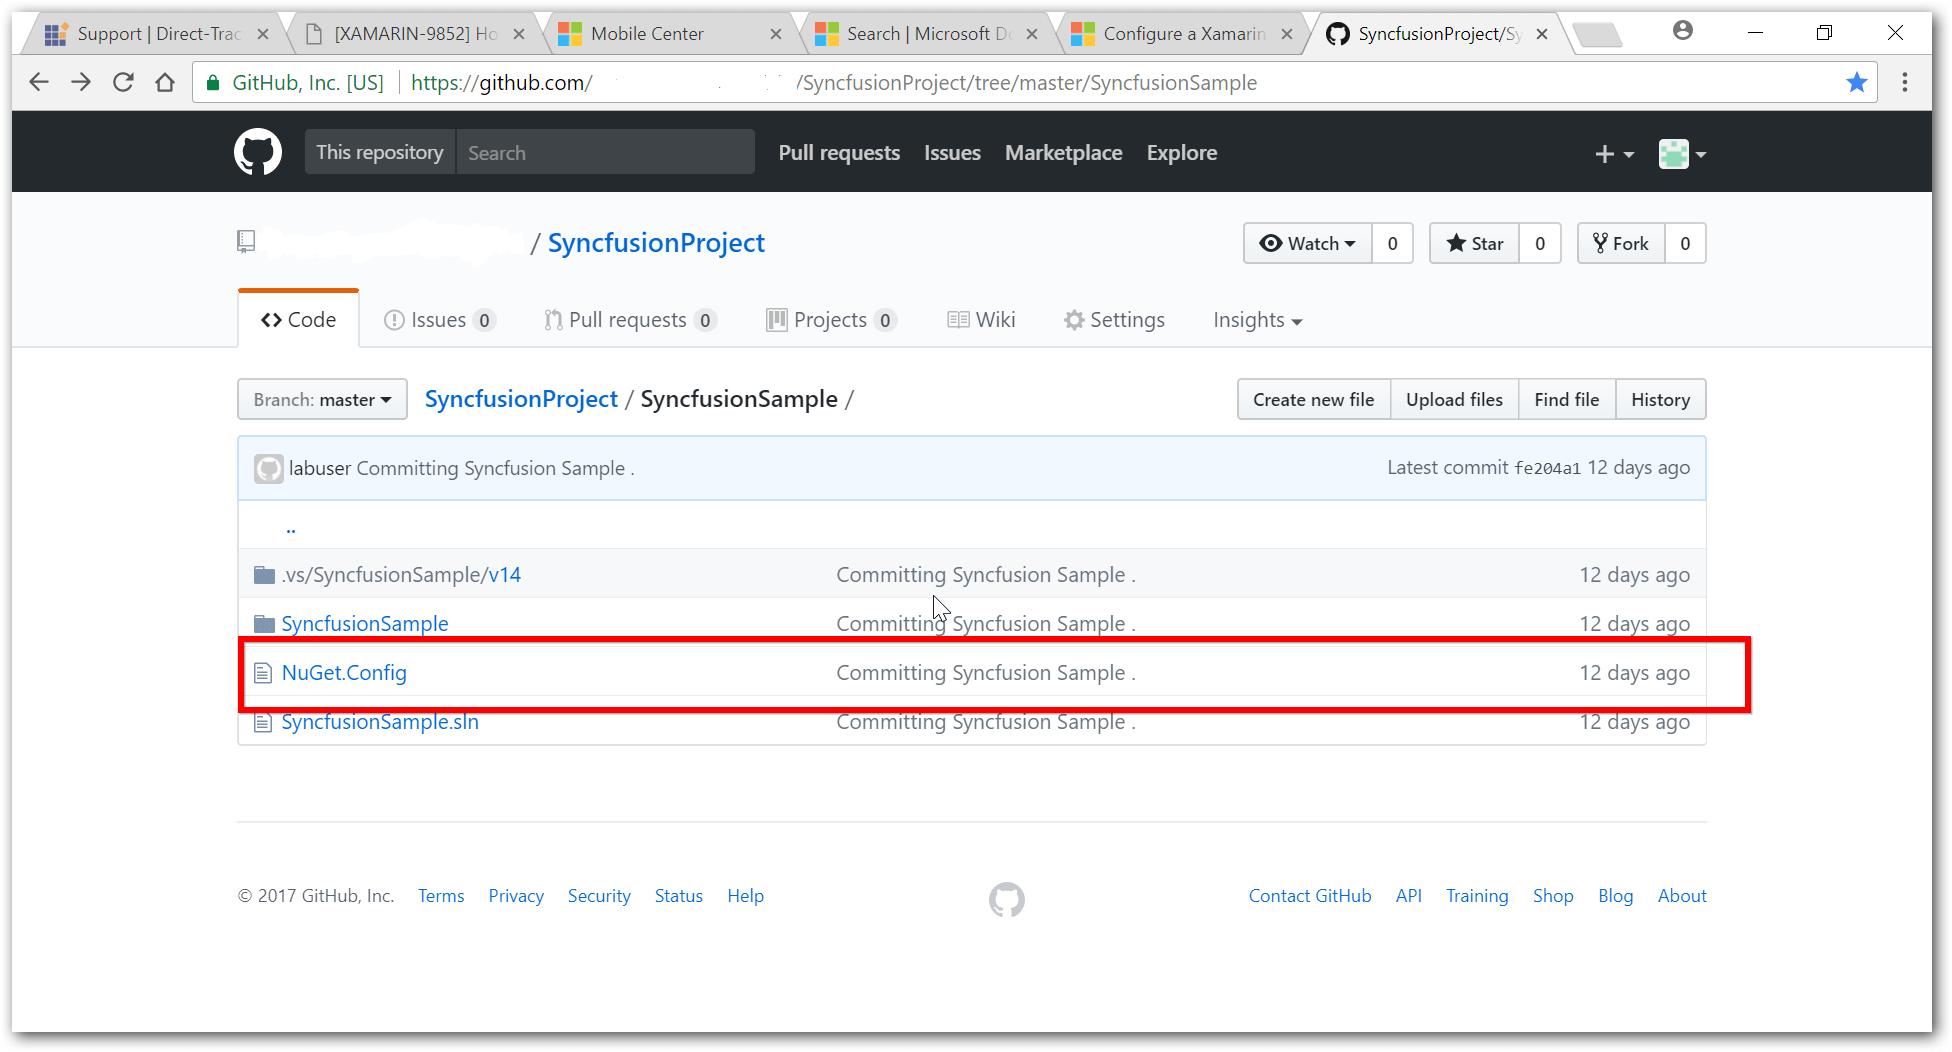 C:\Users\saravanapandian.muru\AppData\Local\Microsoft\Windows\INetCache\Content.Word\sshot-12.png